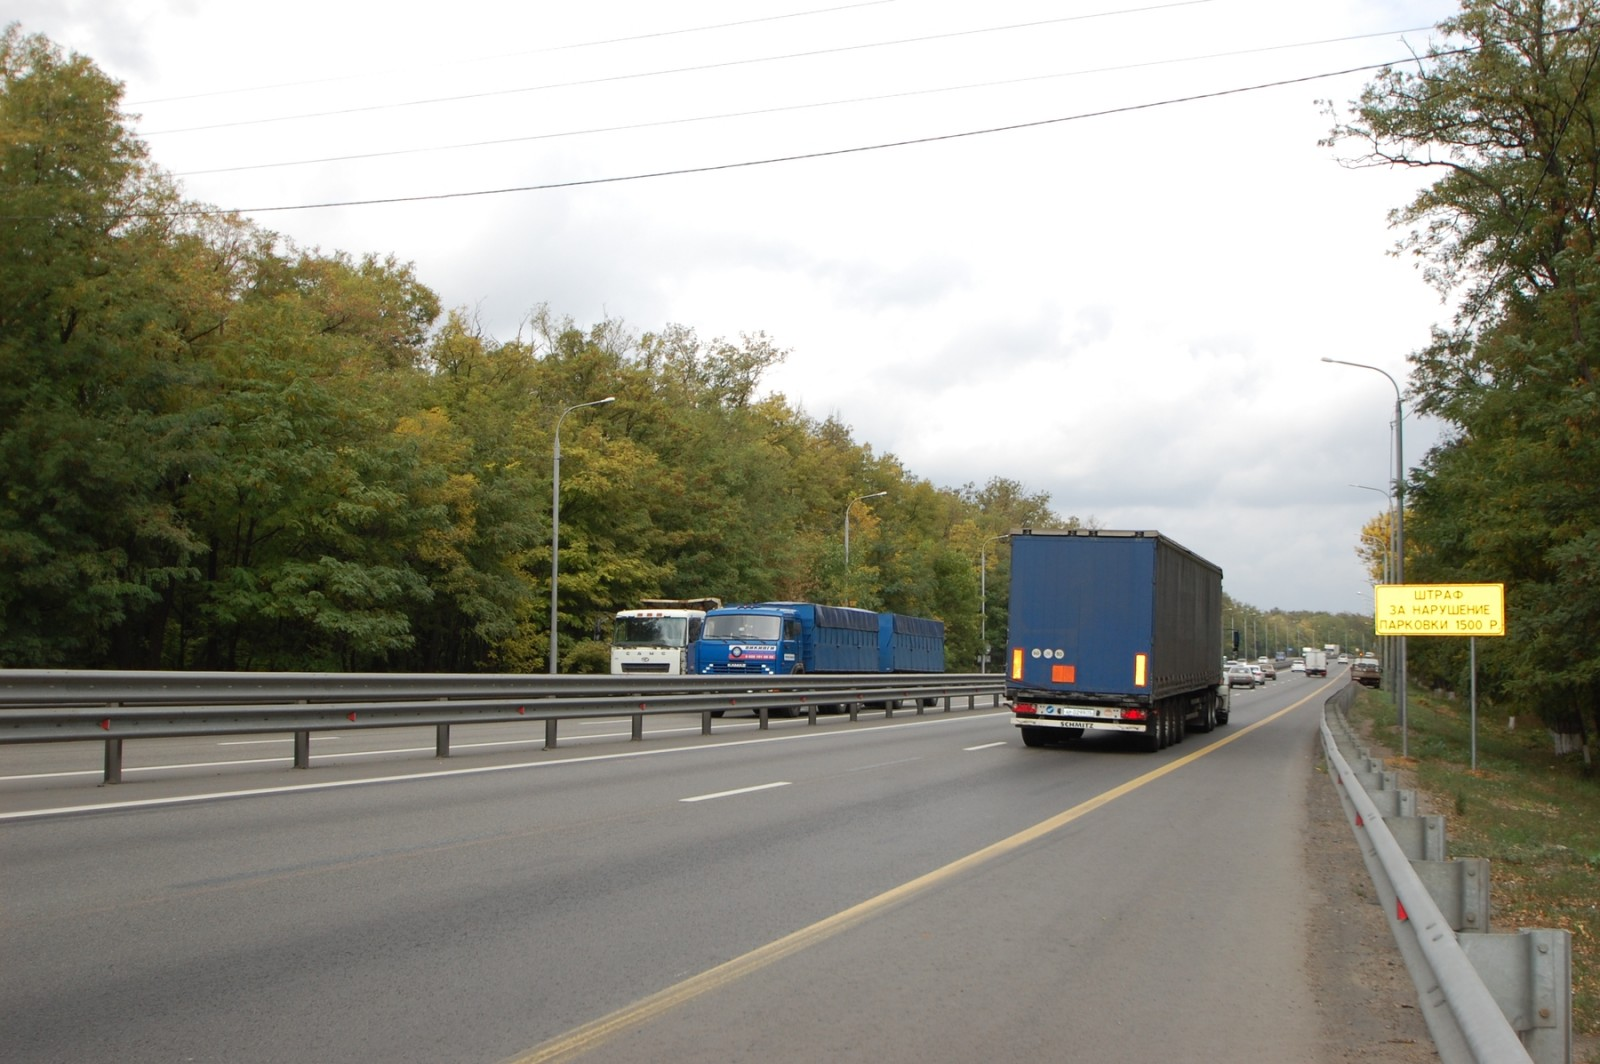 Ускорен мобильный интернет на трассе М4 «Дон» в Ростовской области